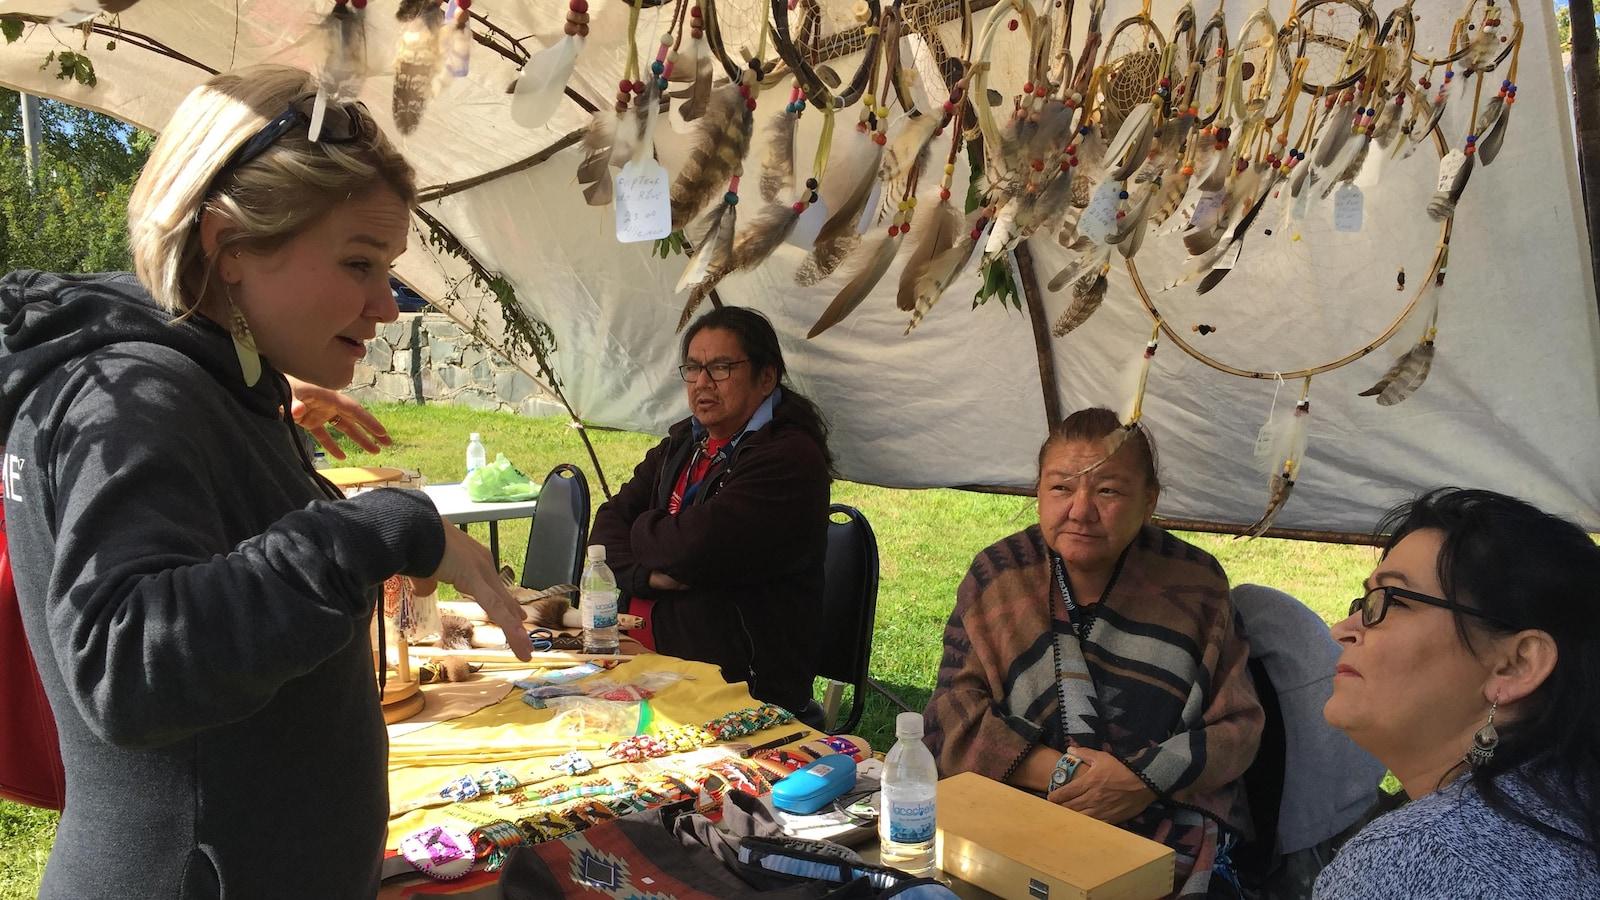 La démarche de rapprochement entre Autochtones et non-Autochtones passe par  l'art.